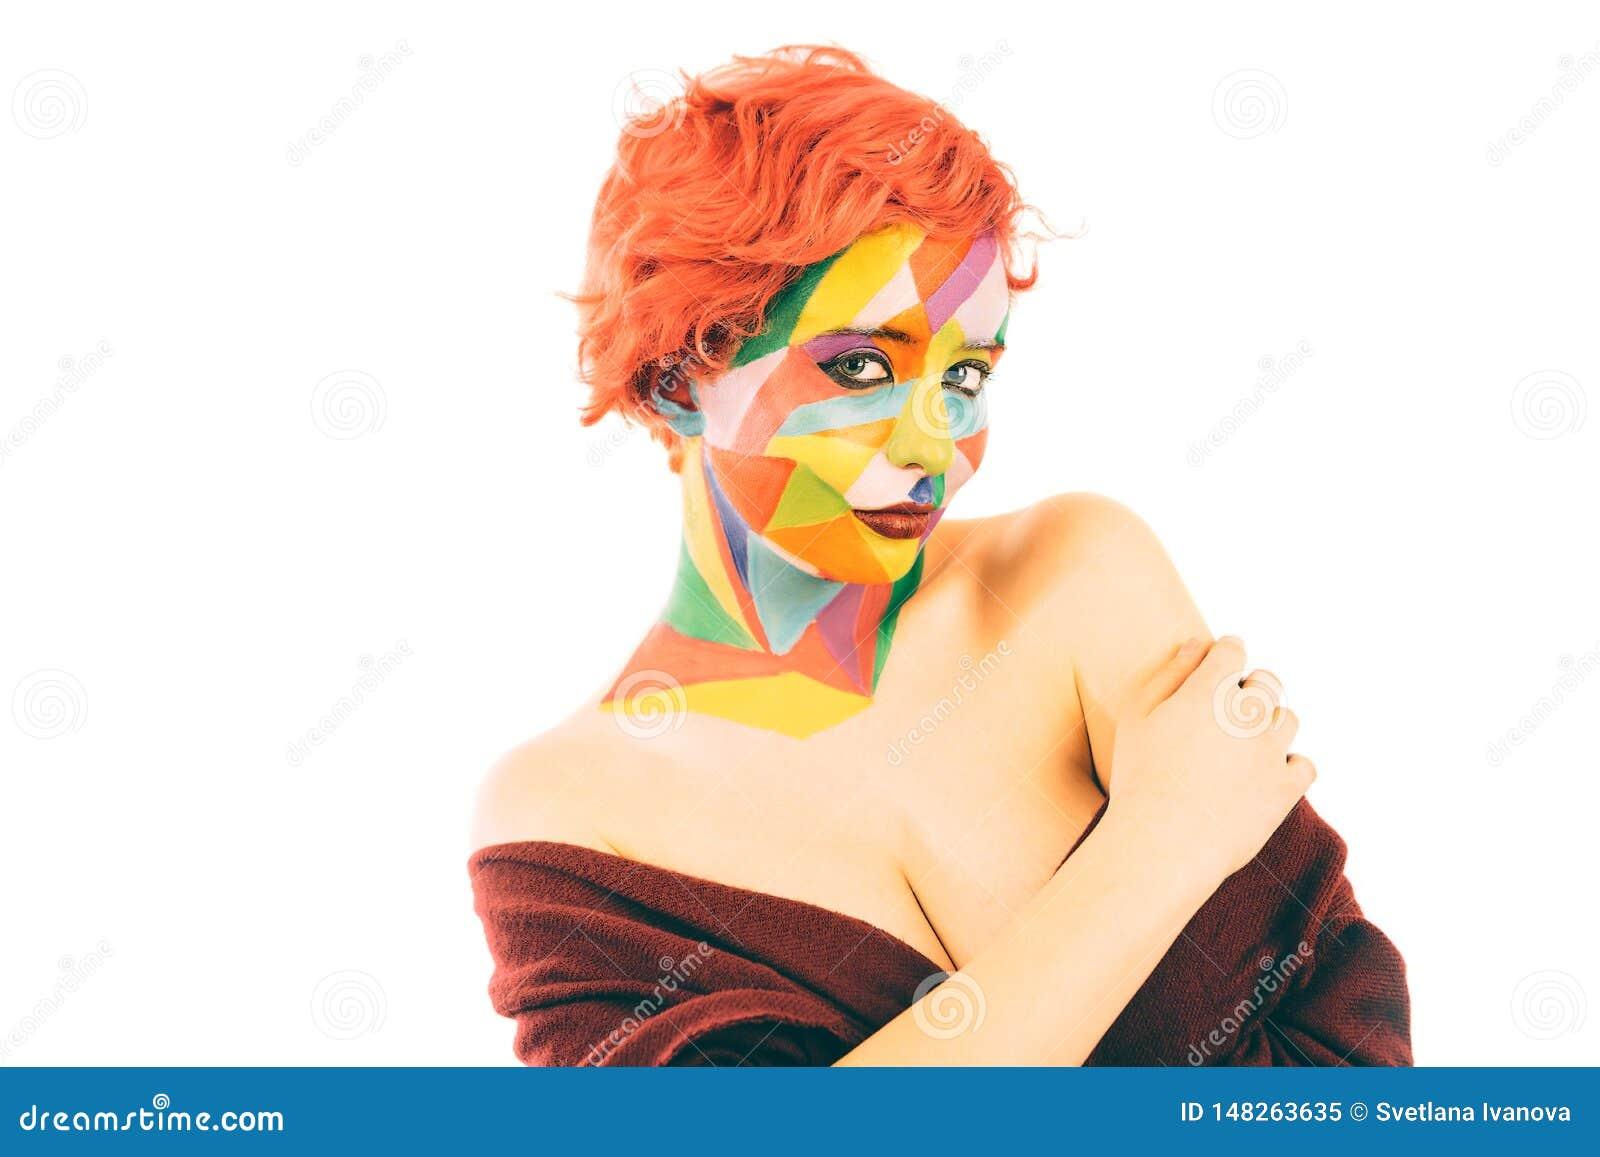 Kvinnan med orange hår och konst utgör isolerat